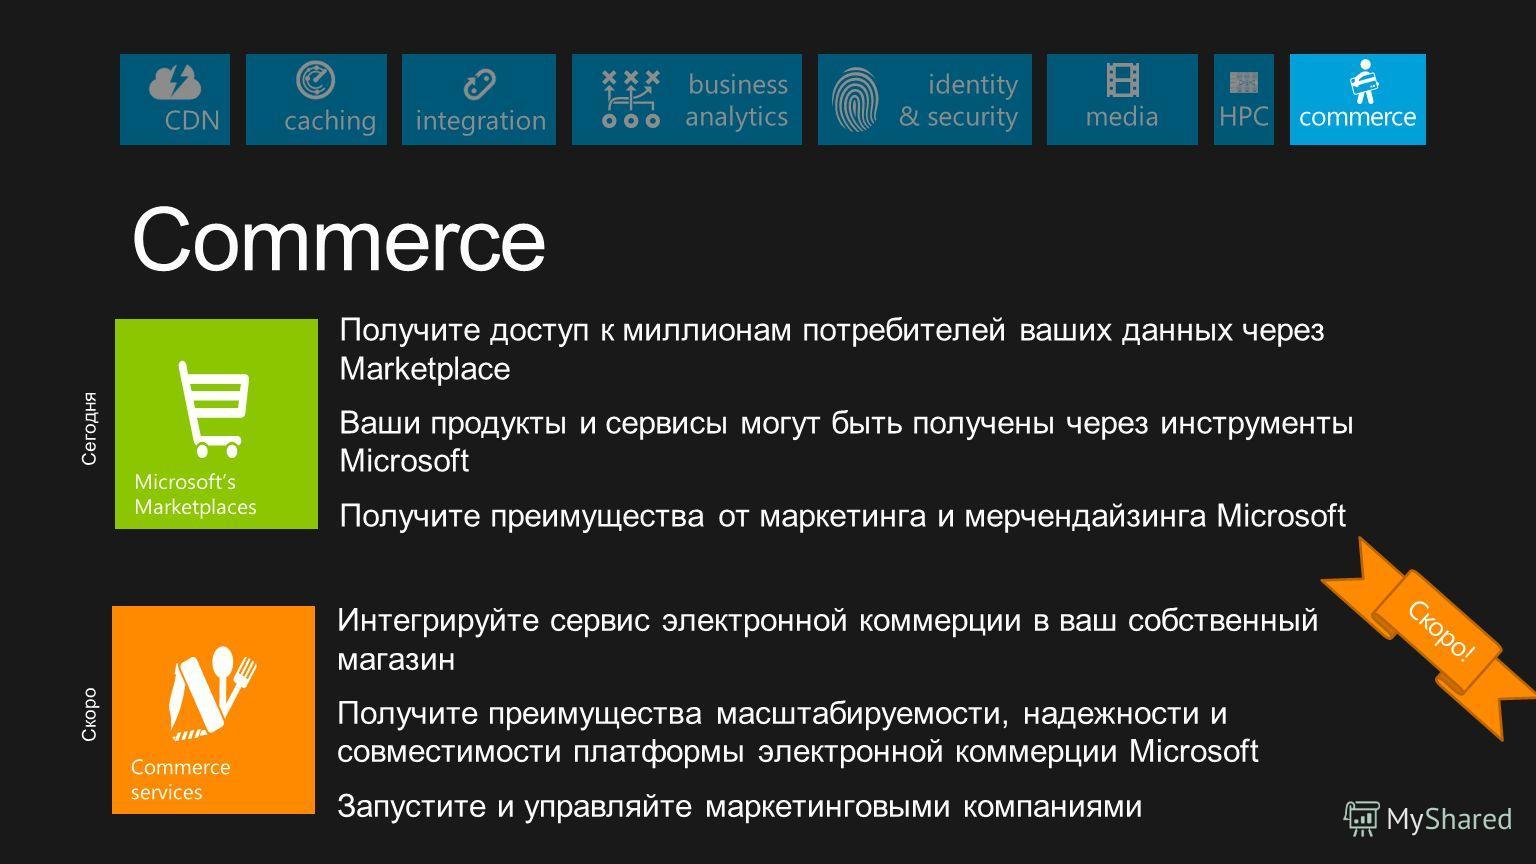 CDNcaching identity & security business analyticscommercemedia integration HPC Commerce Получите доступ к миллионам потребителей ваших данных через Marketplace Ваши продукты и сервисы могут быть получены через инструменты Microsoft Получите преимущес